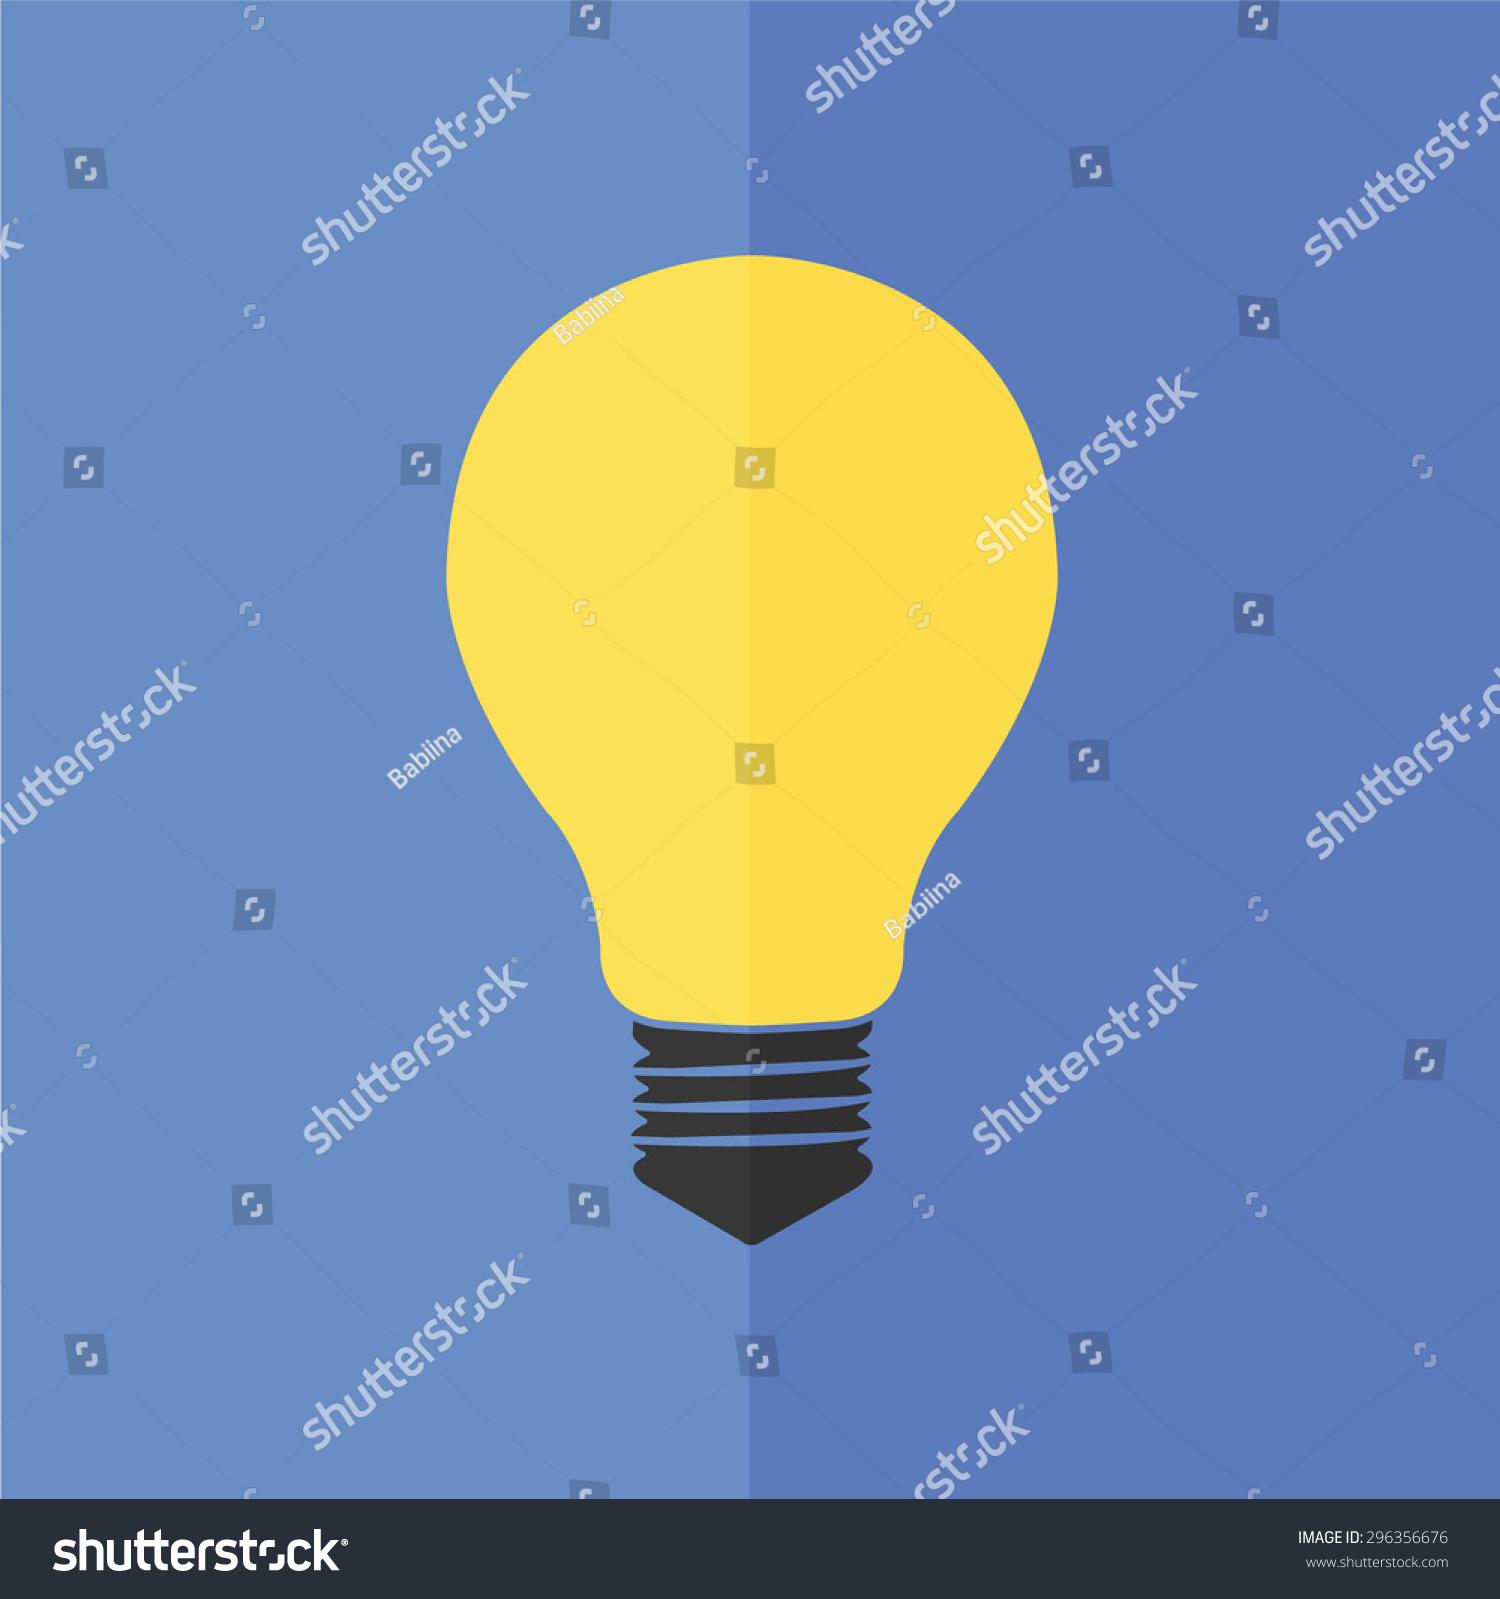 电灯泡矢量图标.平面设计